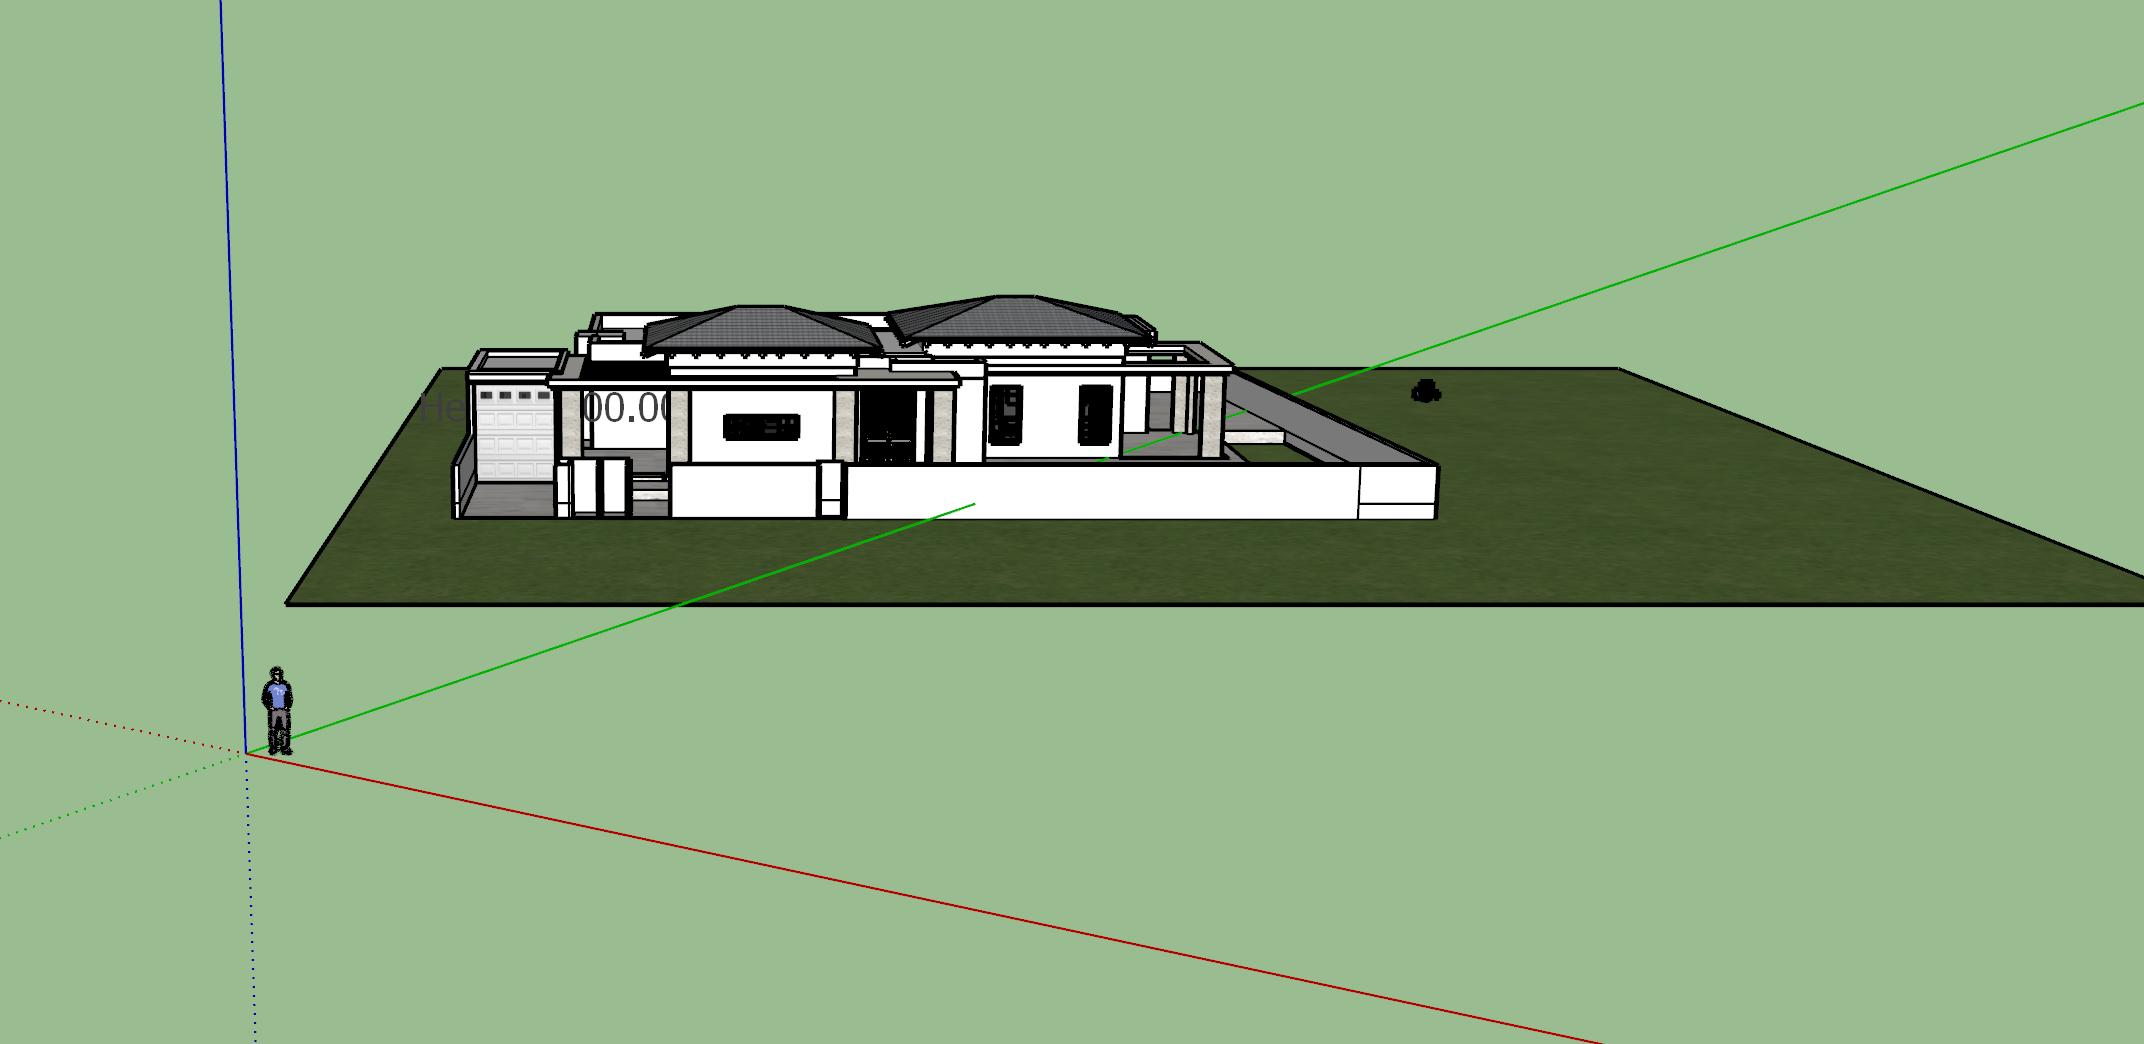 רקע ומיקום המודל 1